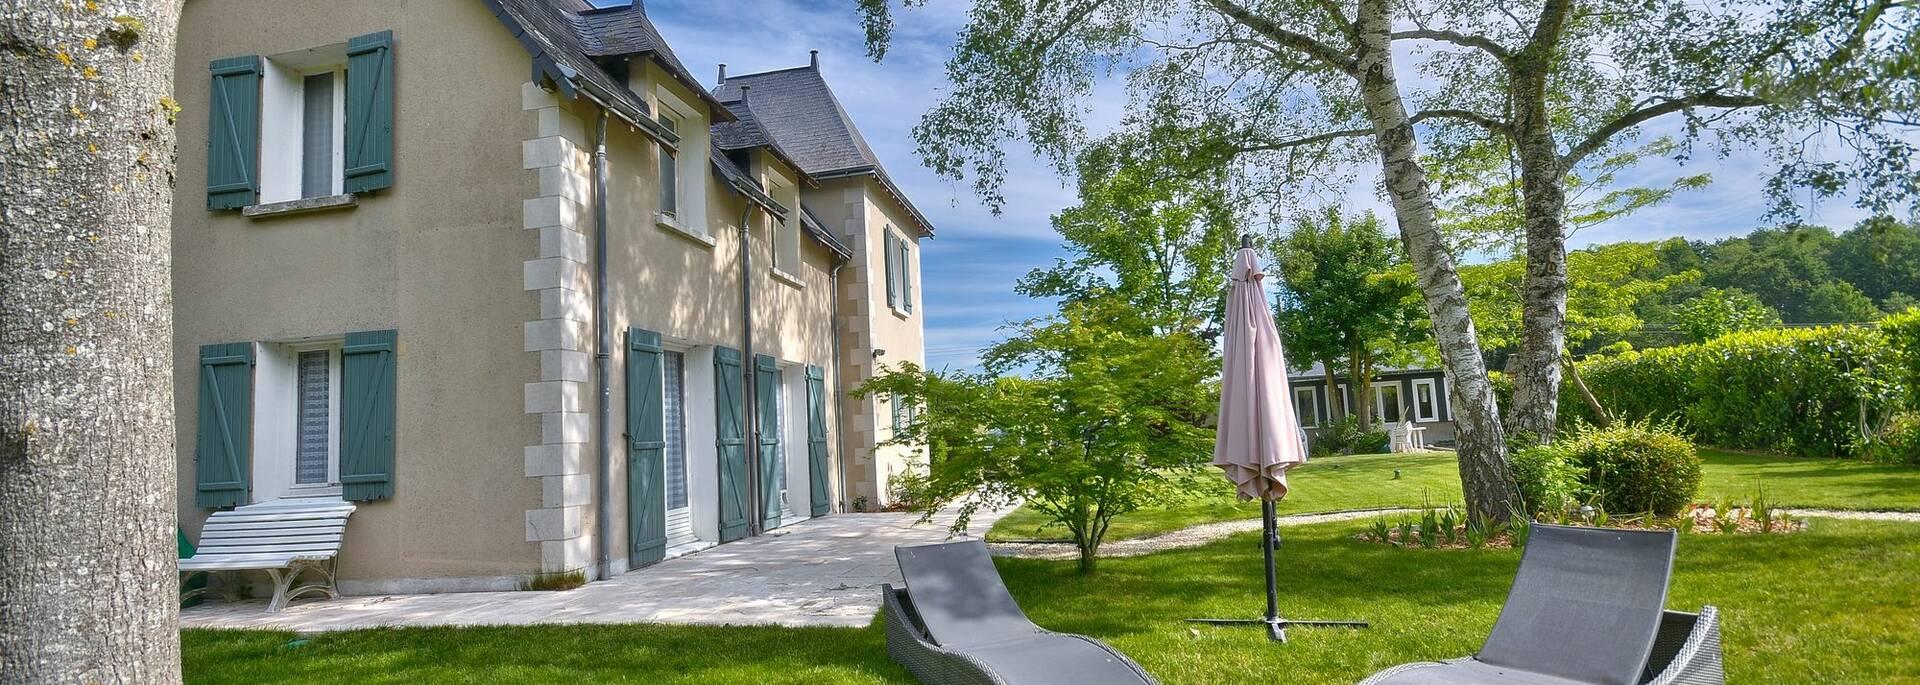 G tes destination angers tourisme office de tourisme - Angers office du tourisme ...